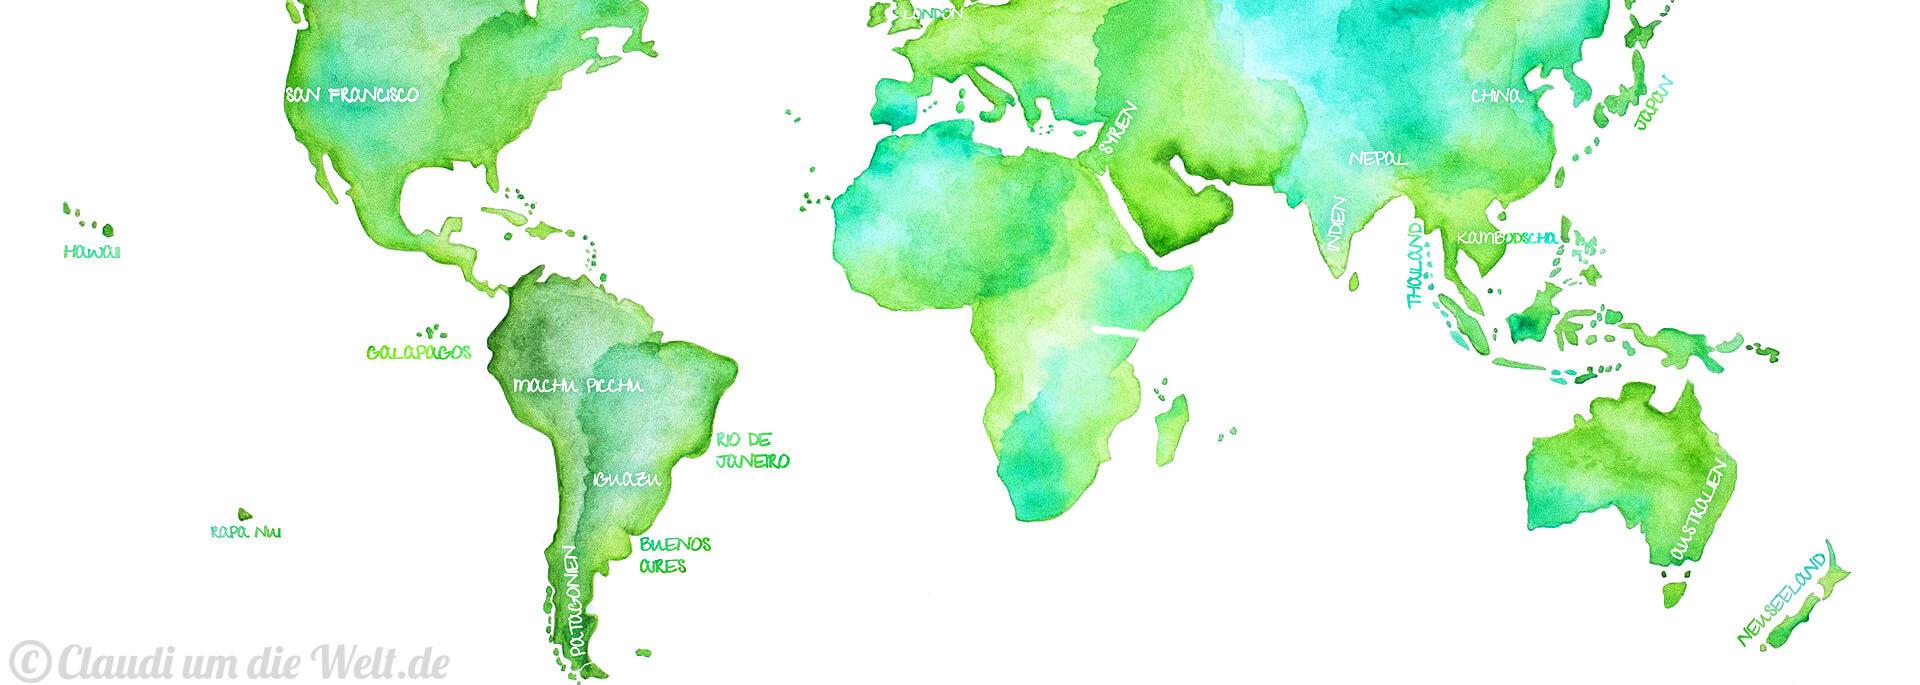 Weltreise: Leichte Aufregung